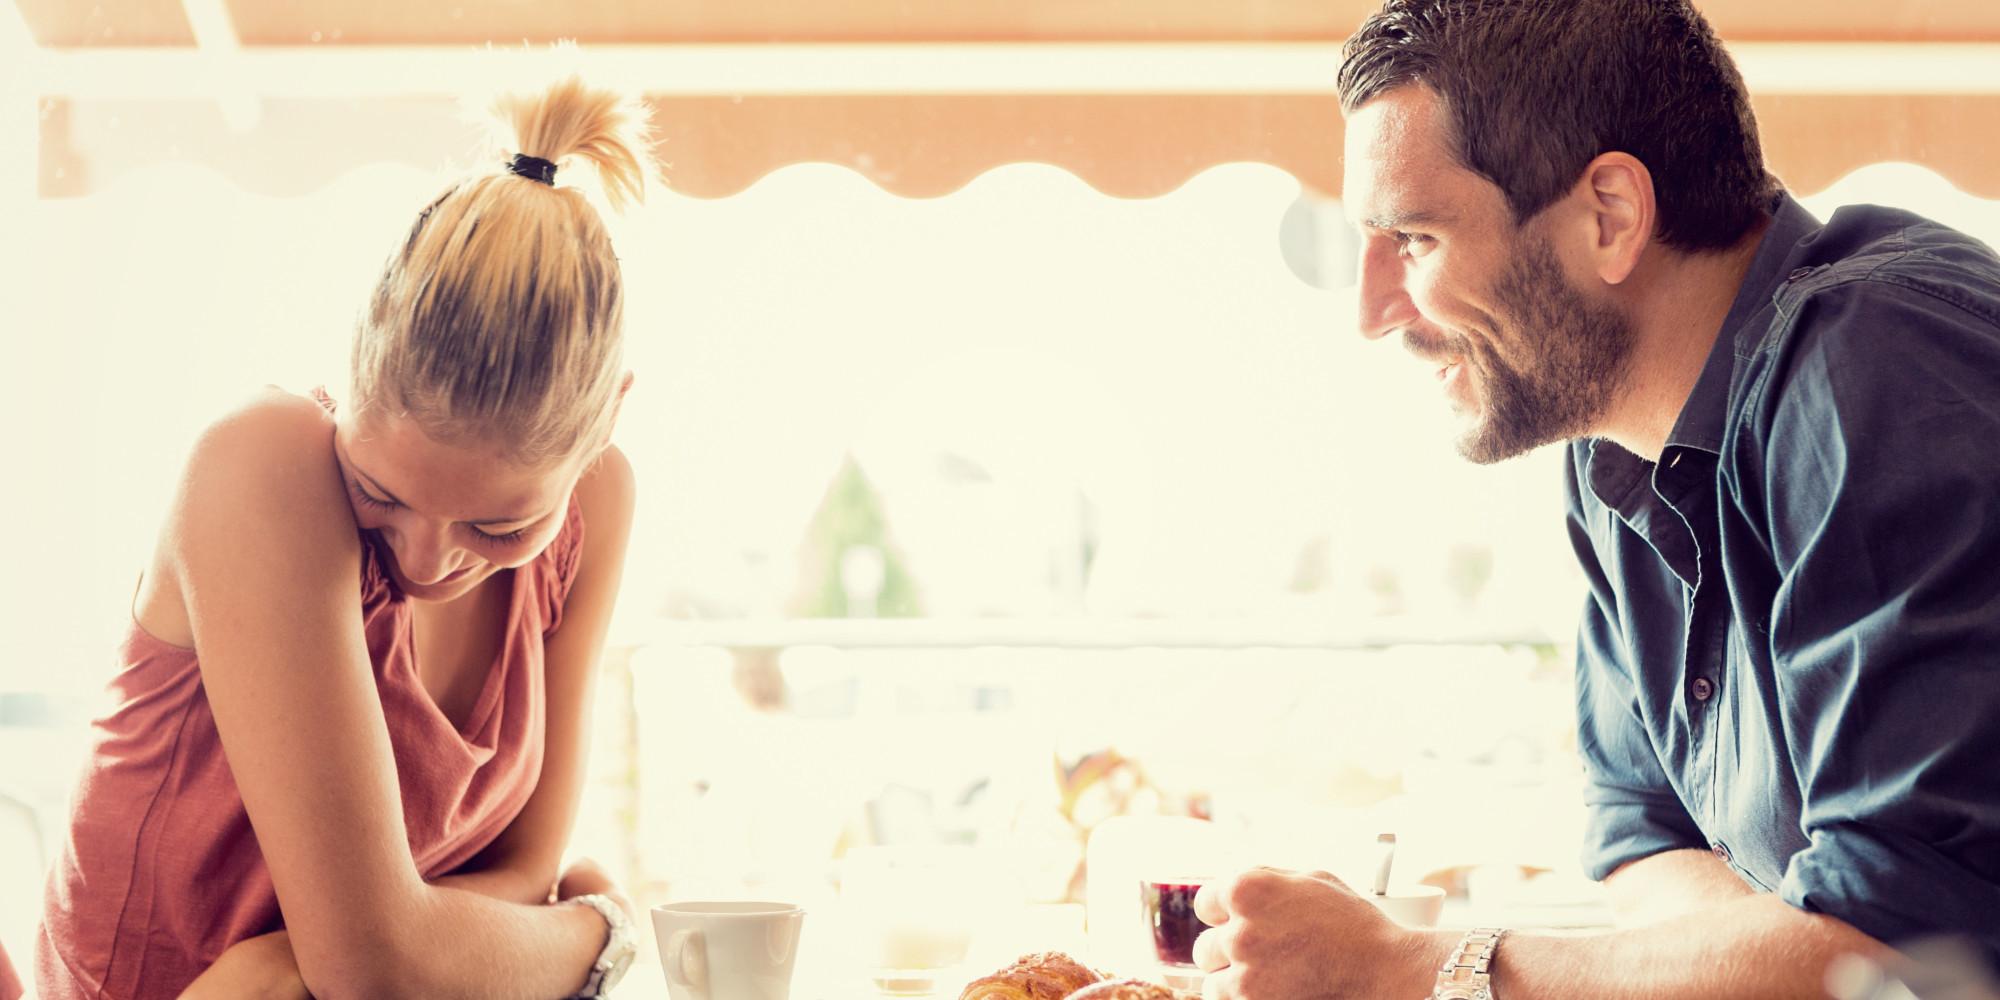 Πώς να κρατάς το ενδιαφέρον της με τη φωνή σου